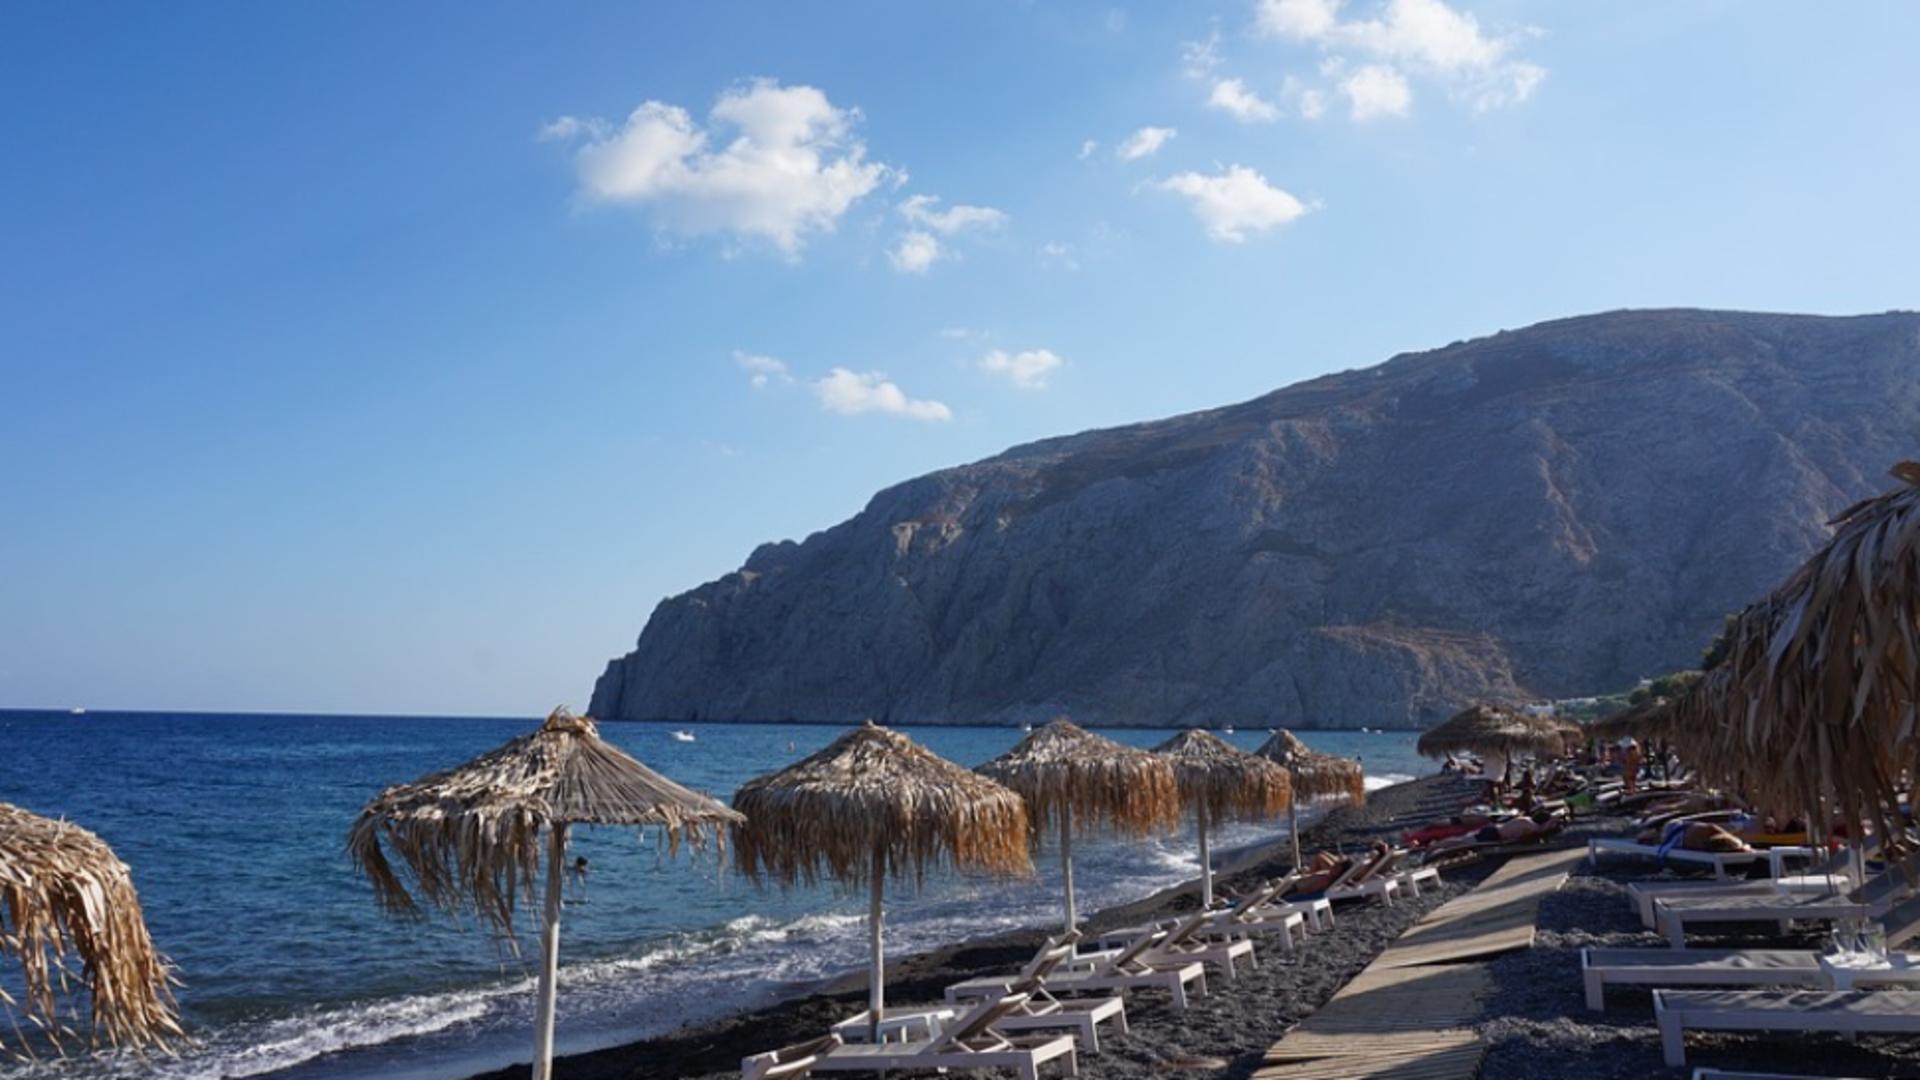 Avertisment pentru turiști: 13 insule grecești, printre care Santorini și Mykonos - în zona ROȘIE COVID-19